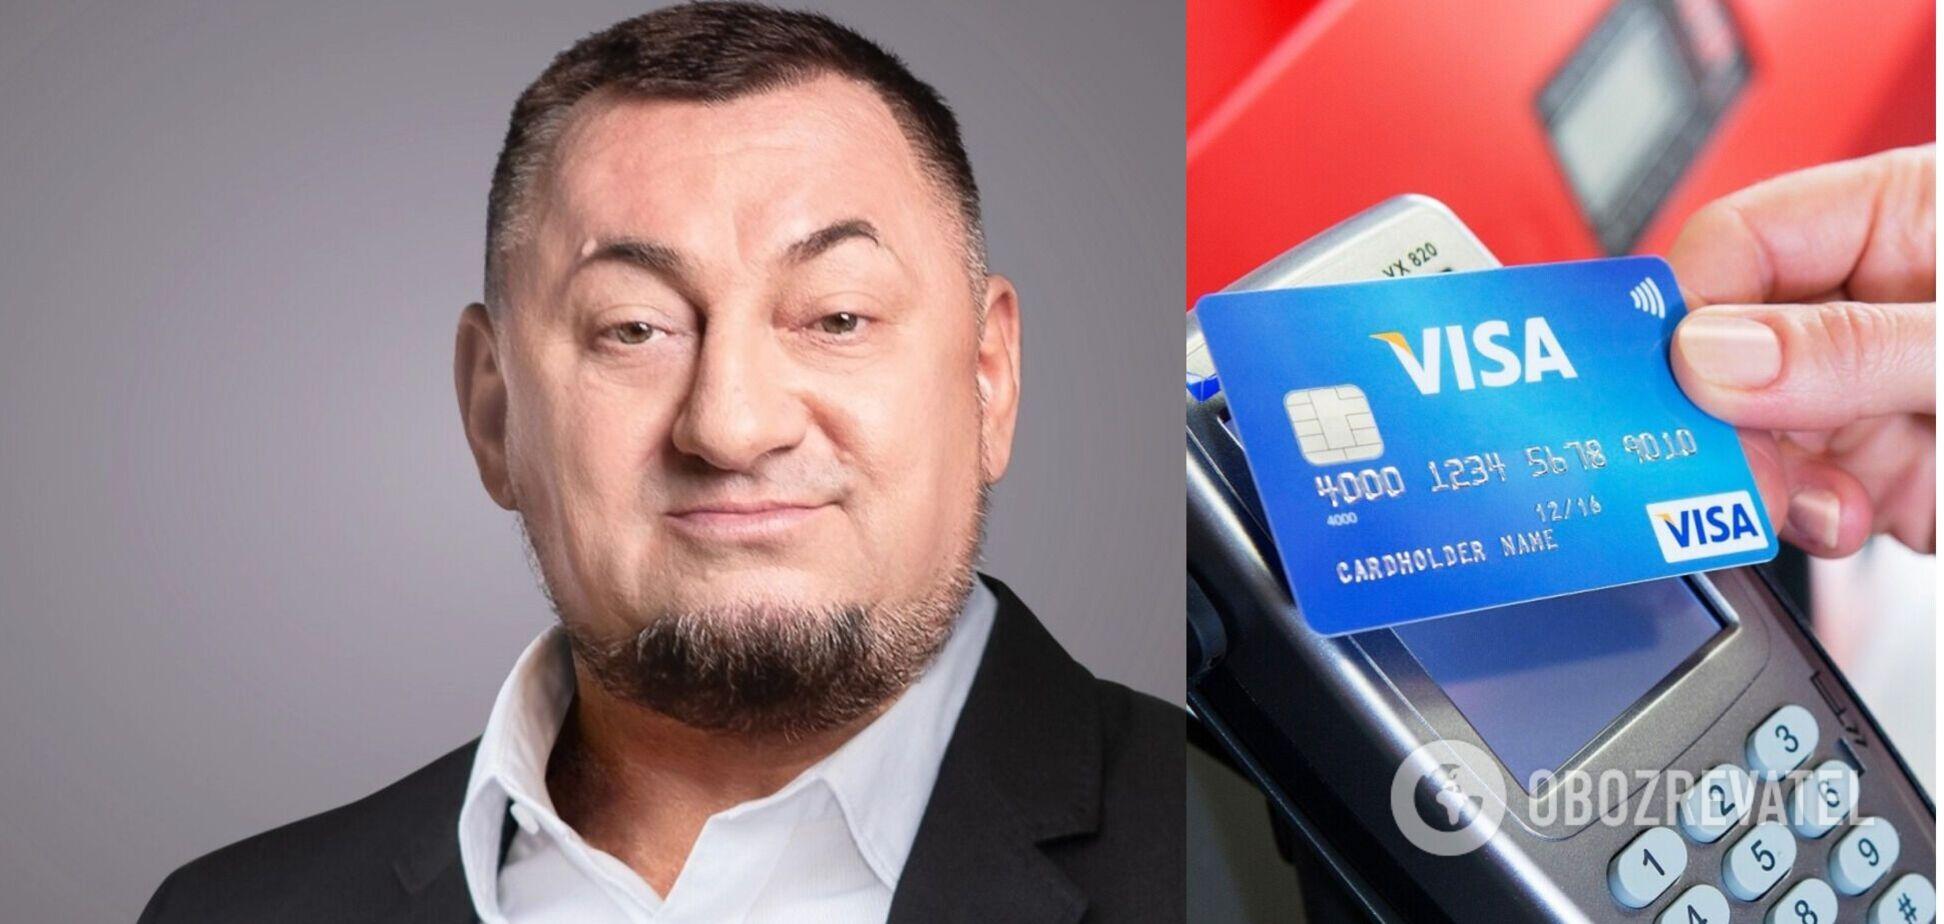 Герега 'випадково' не підтримав зниження банківської комісії в Україні? Не вистачило одного голосу